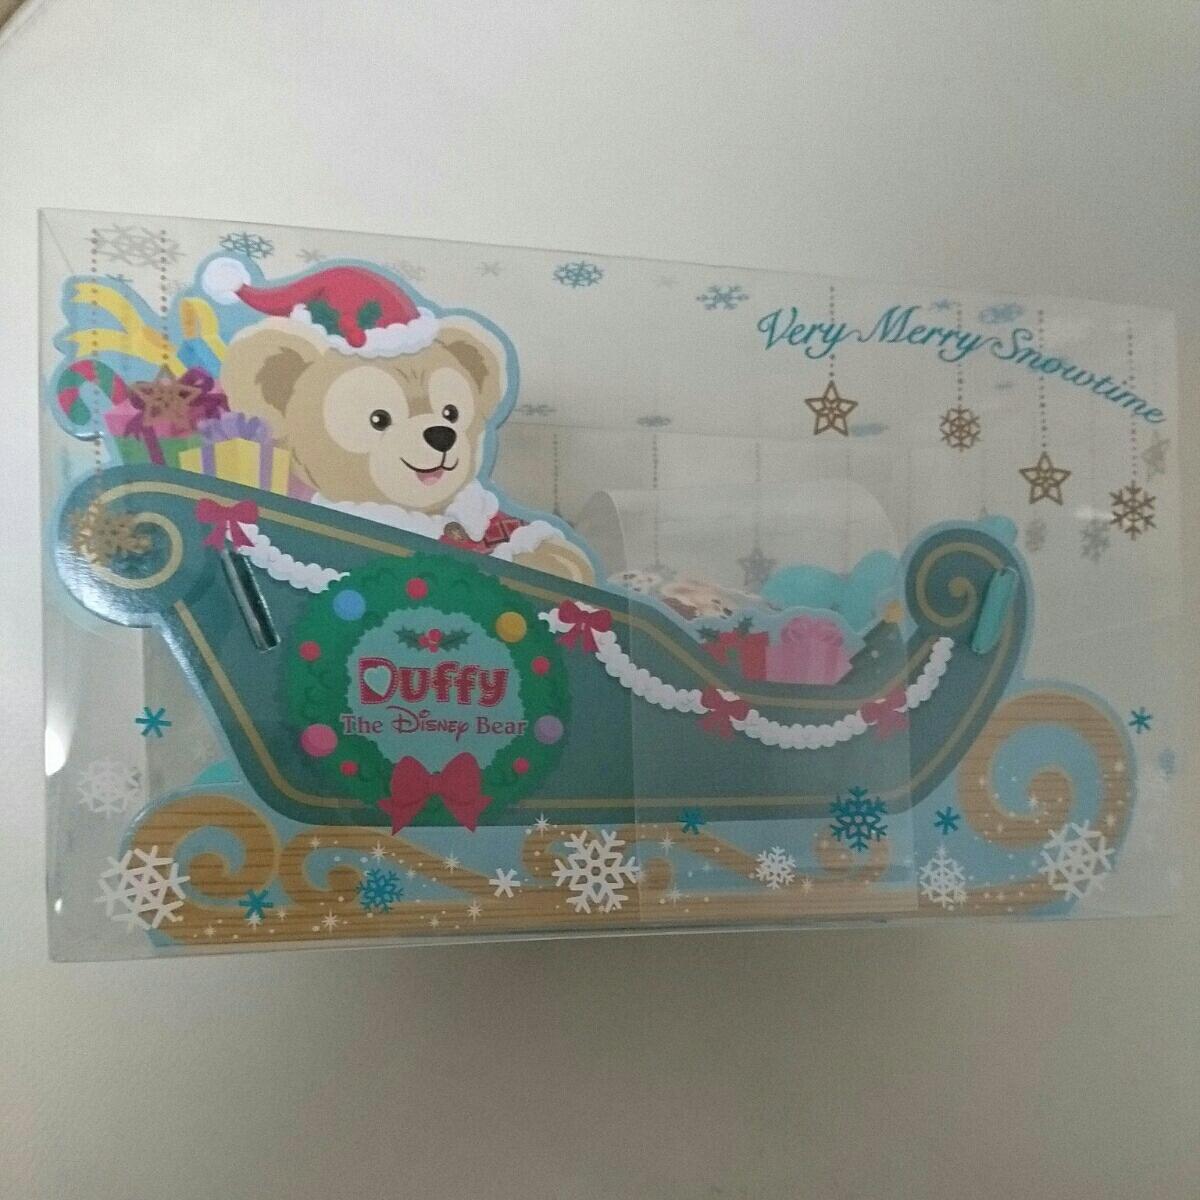 ディズニー シー クリスマス 2016 ダッフィー チョコレートのソリのみ ディズニーグッズの画像